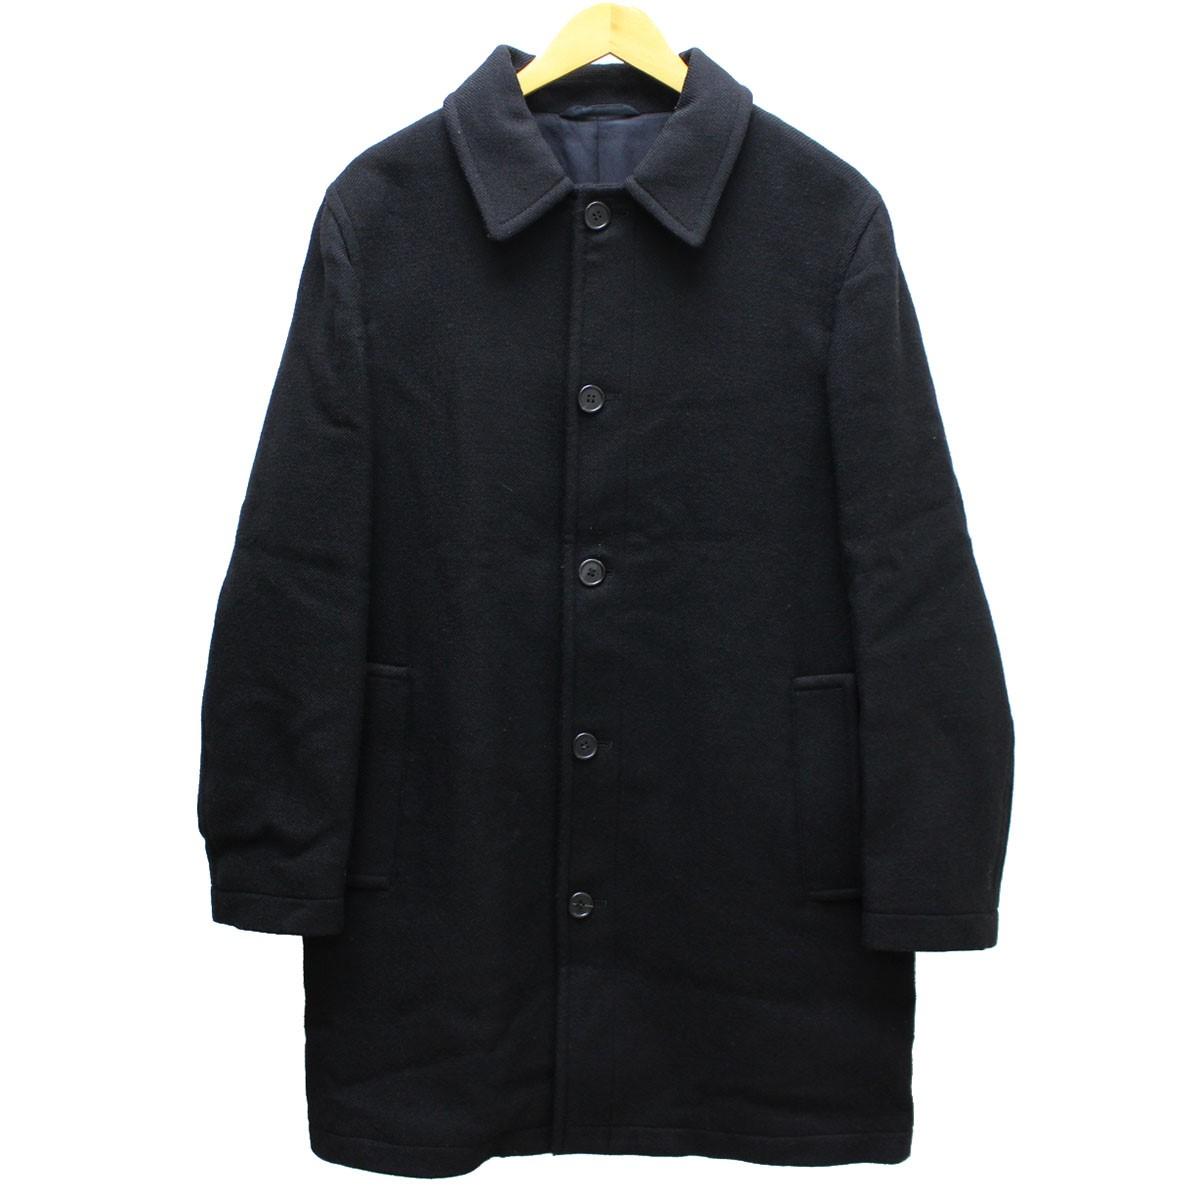 【中古】MARNI メルトン ステンカラー コート 13AW 国内正規品 ブラック サイズ:44(M) 【送料無料】 【290319】(マルニ)